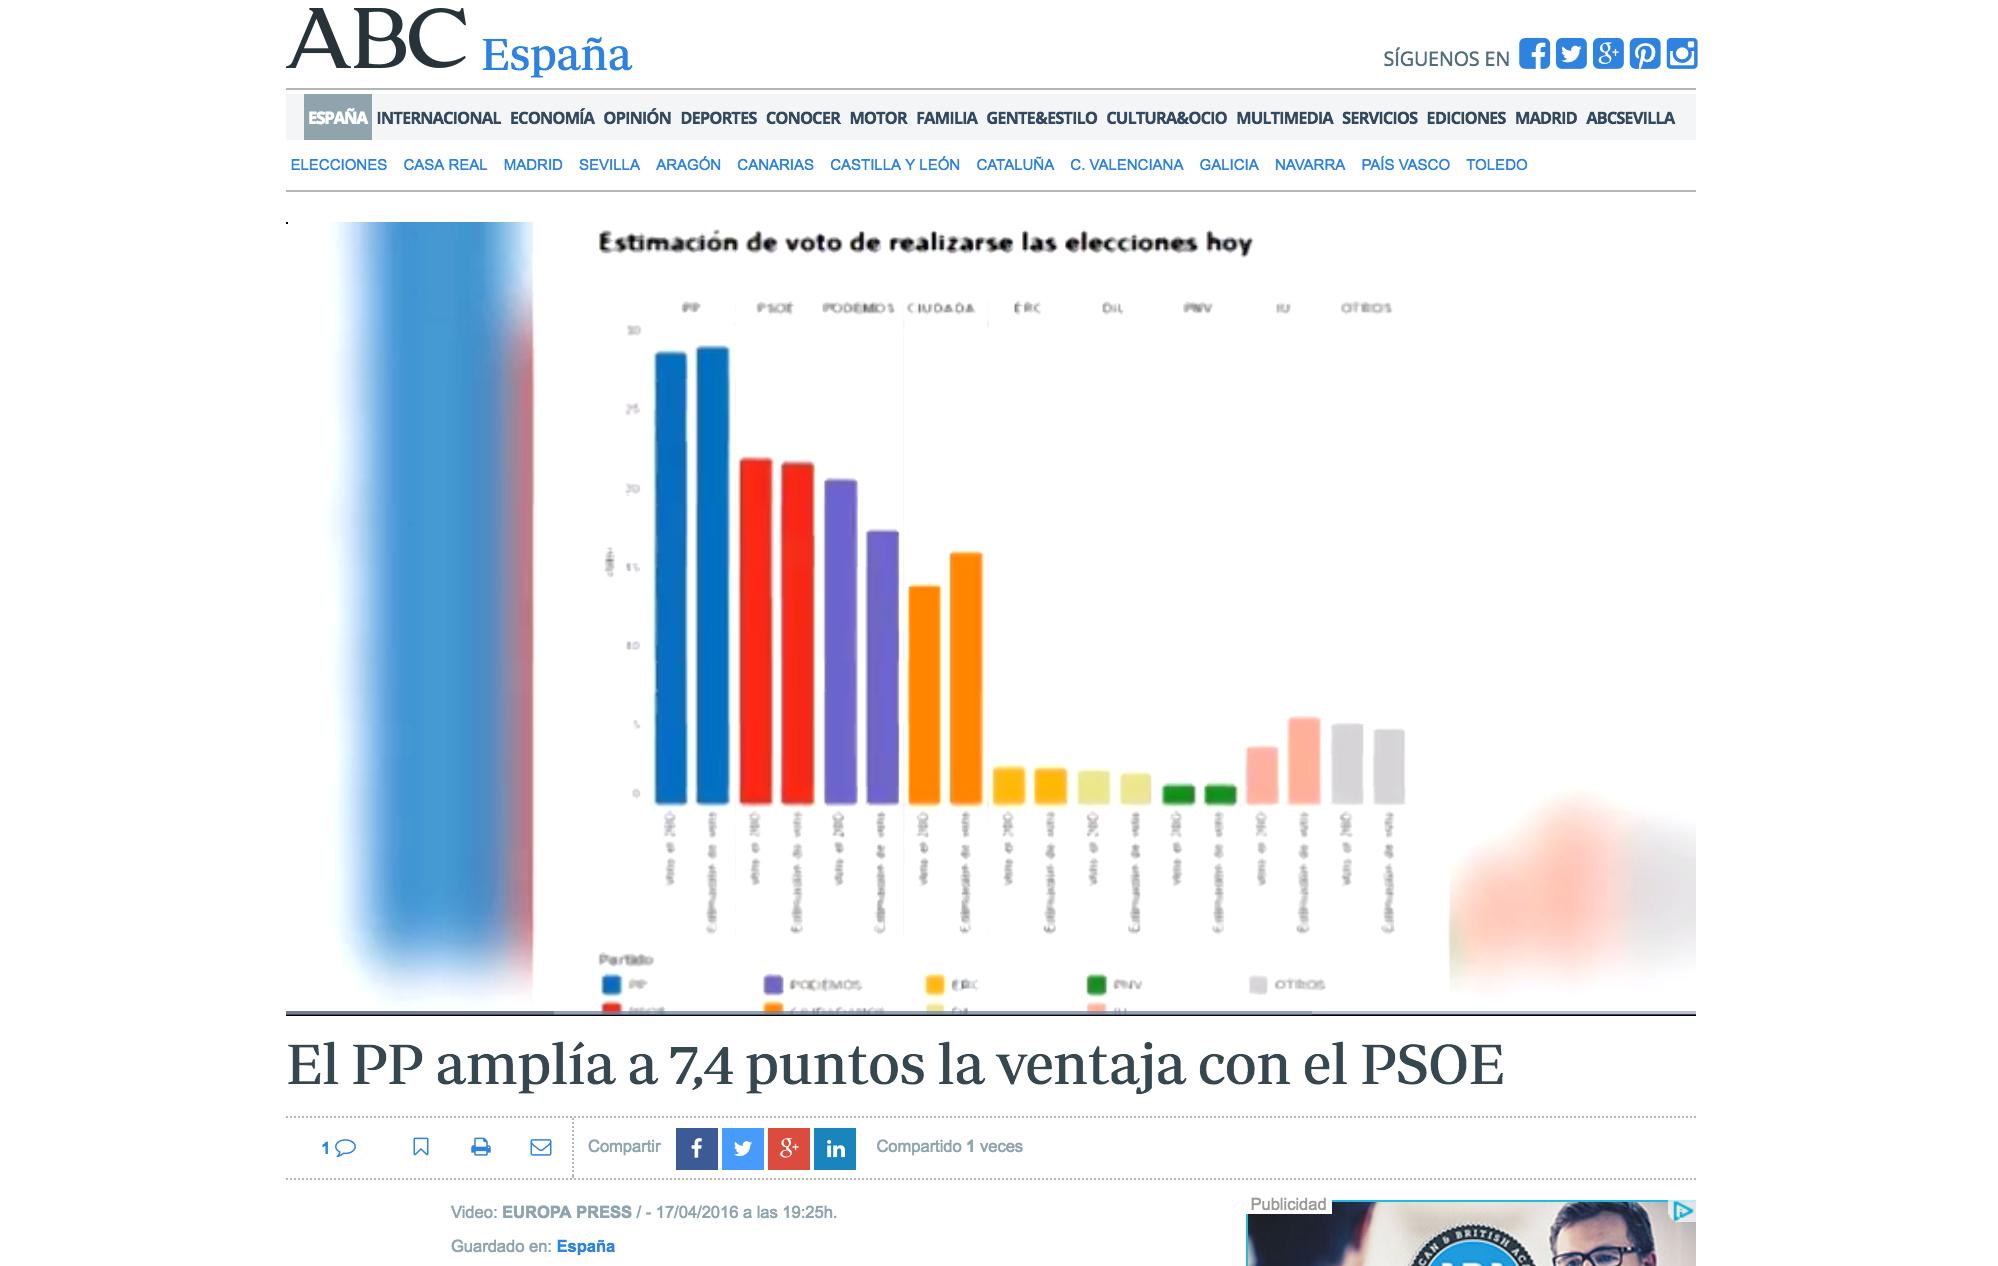 El periódico 'ABC' publica los resultados de la encuesta electoral realizada por 'Advice Strategic Consultants'